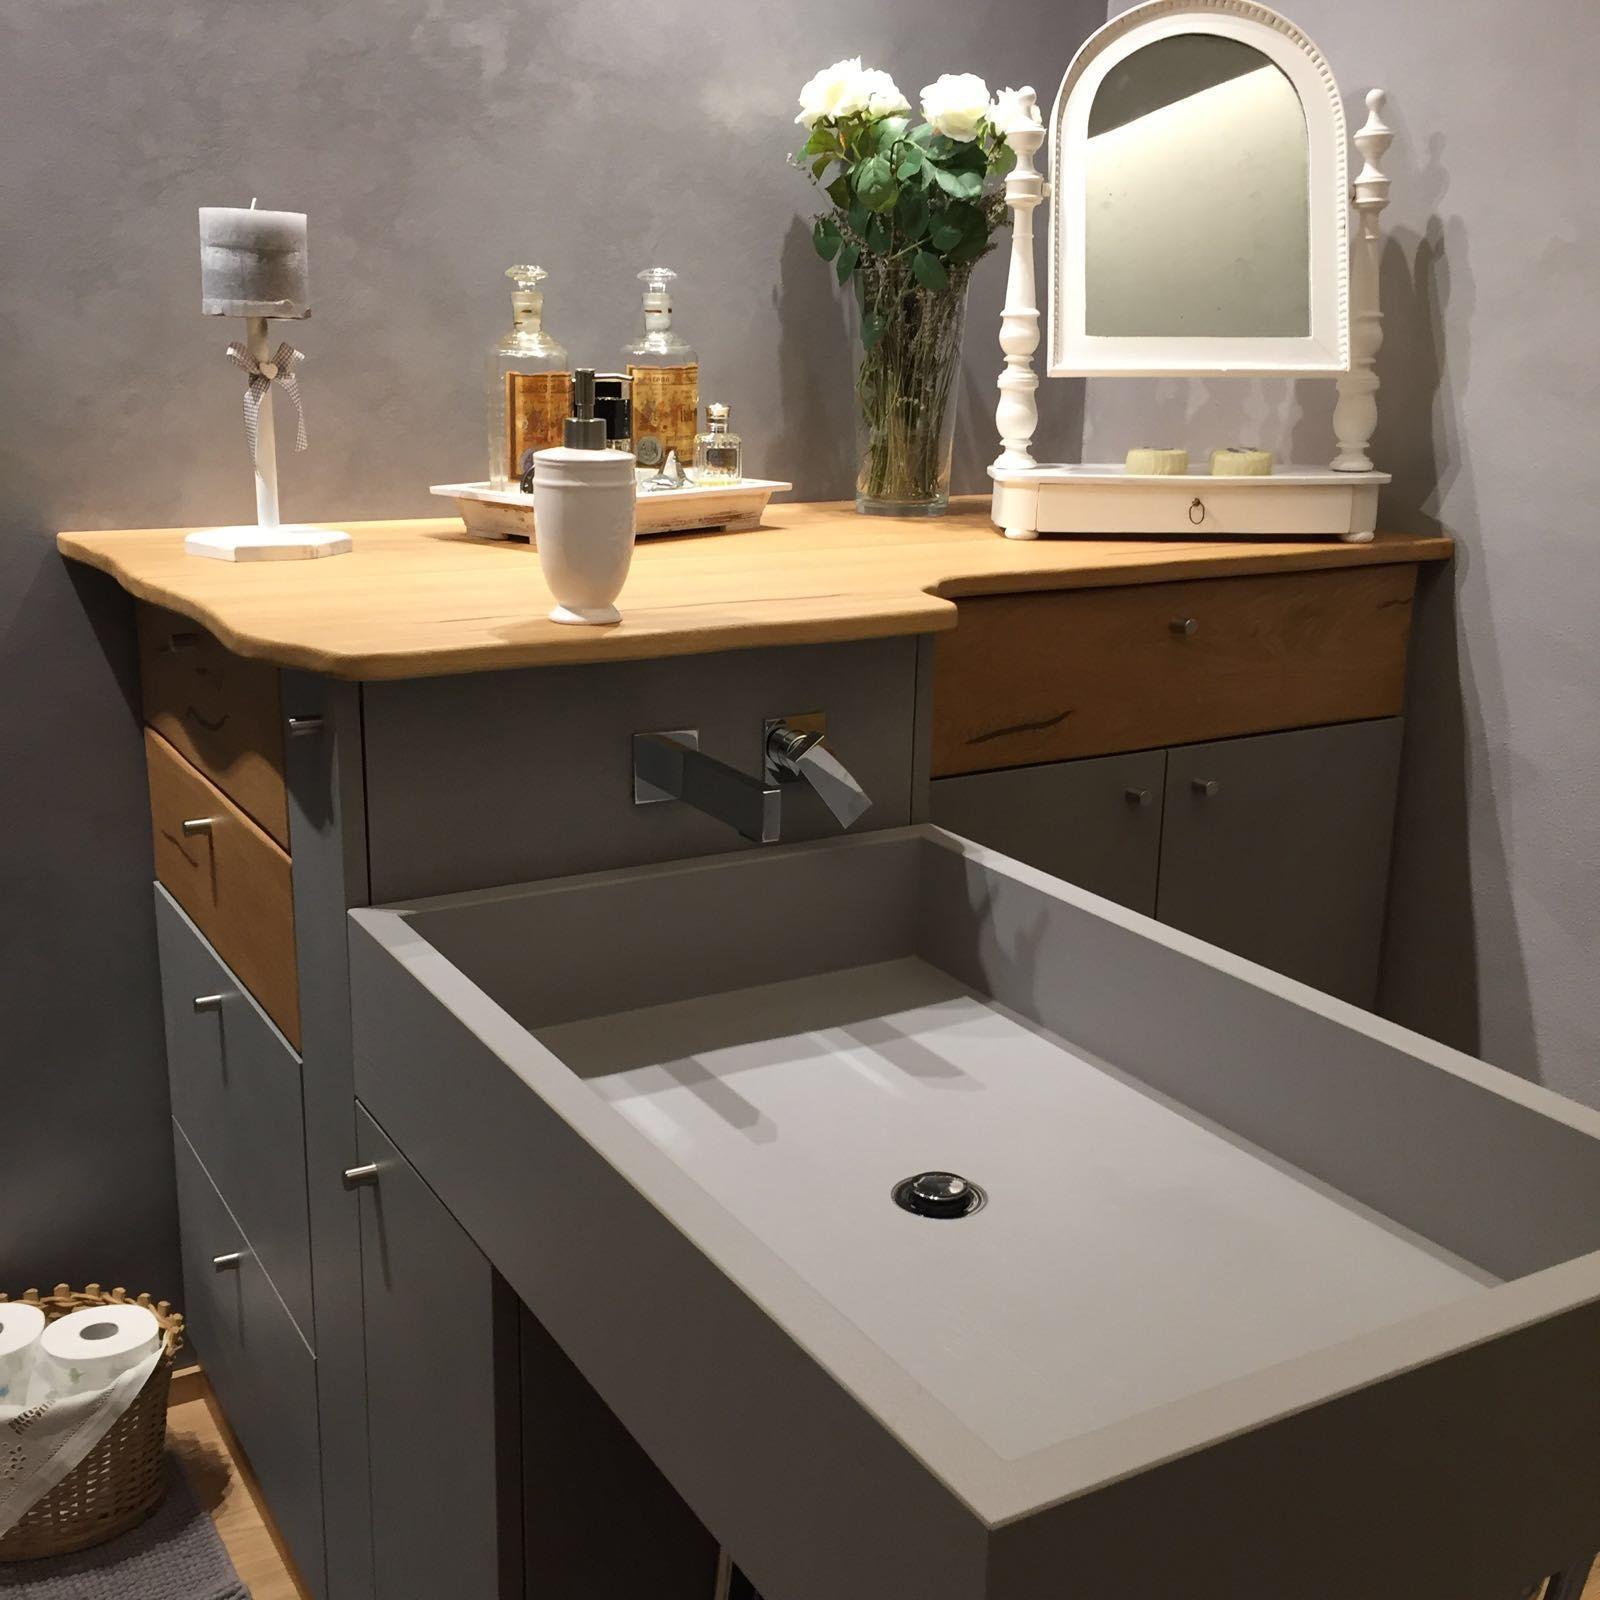 Mobile bagno angolare | Arredamento d\'interni | Pinterest